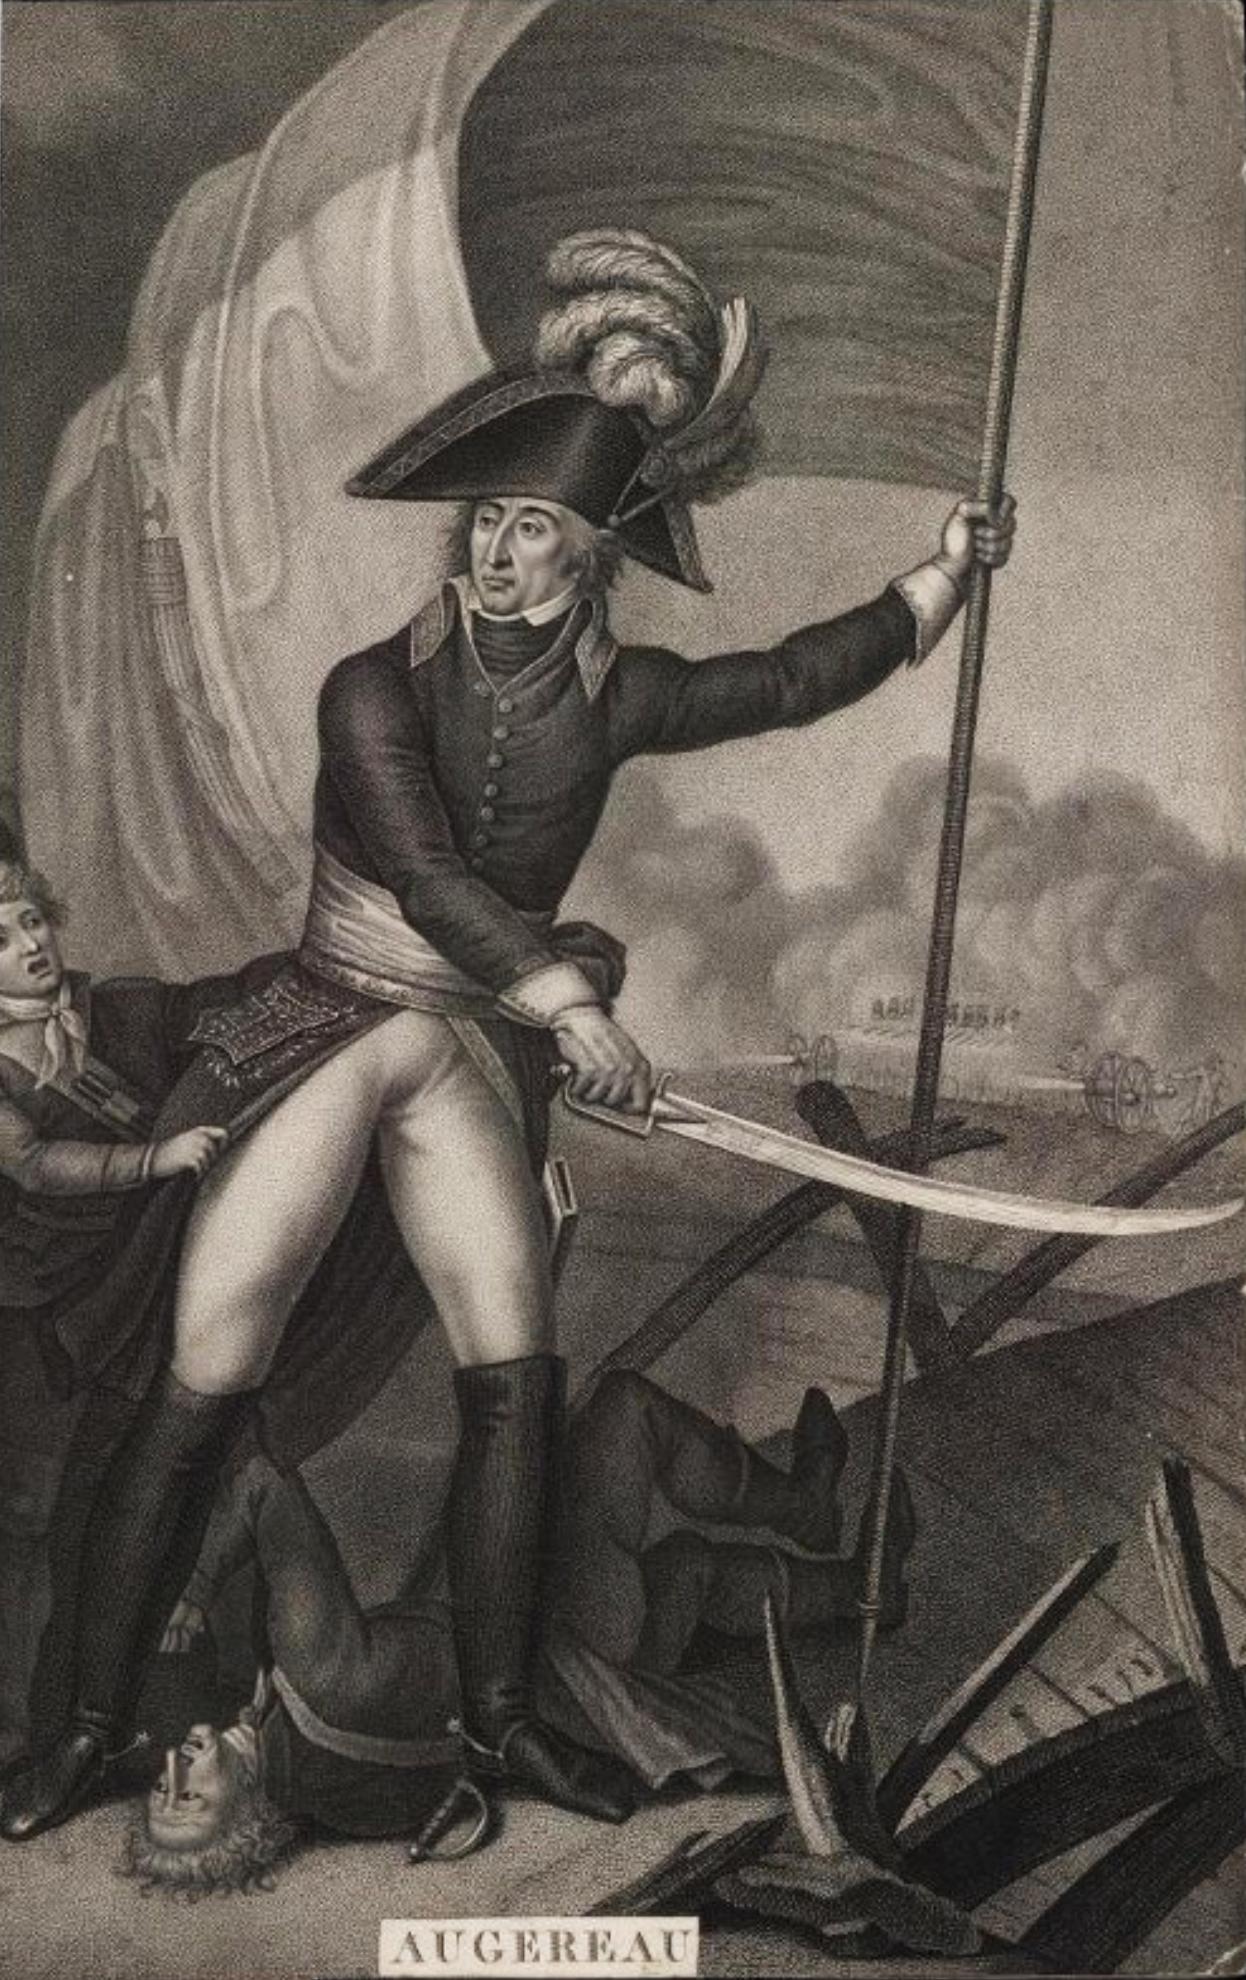 Портрет маршала Ш. П. Ф. Ожеро Гравюра Л.Ф. Шарона по рисунку П. Мартине с живописного оригинала Ш. Тевенена 1798 года, 1823